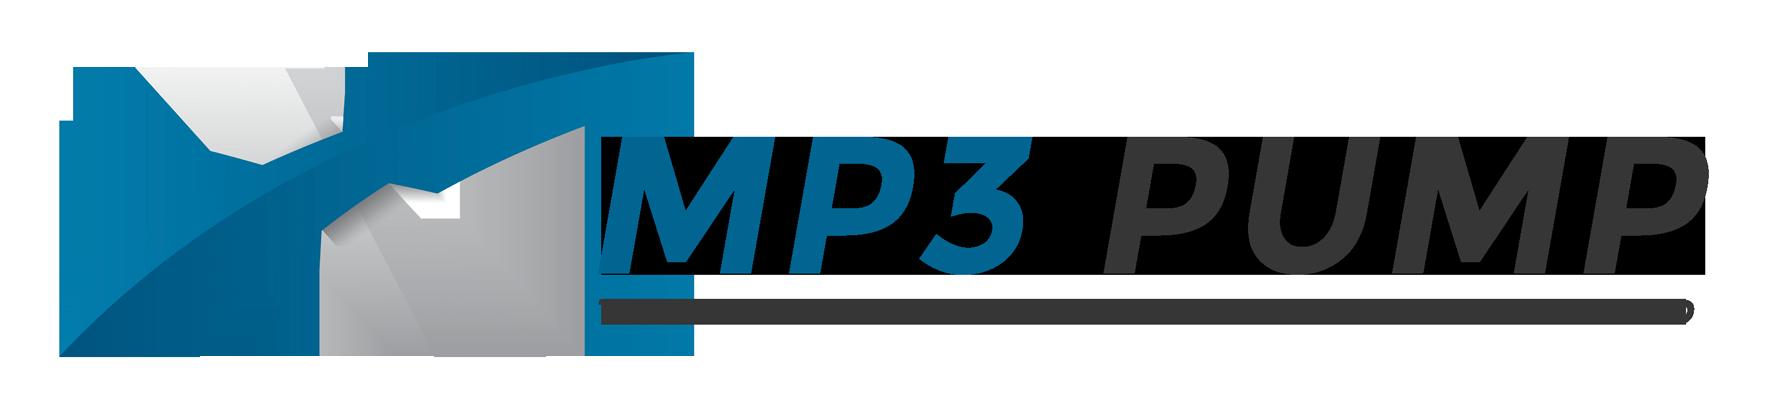 MP3 Pump